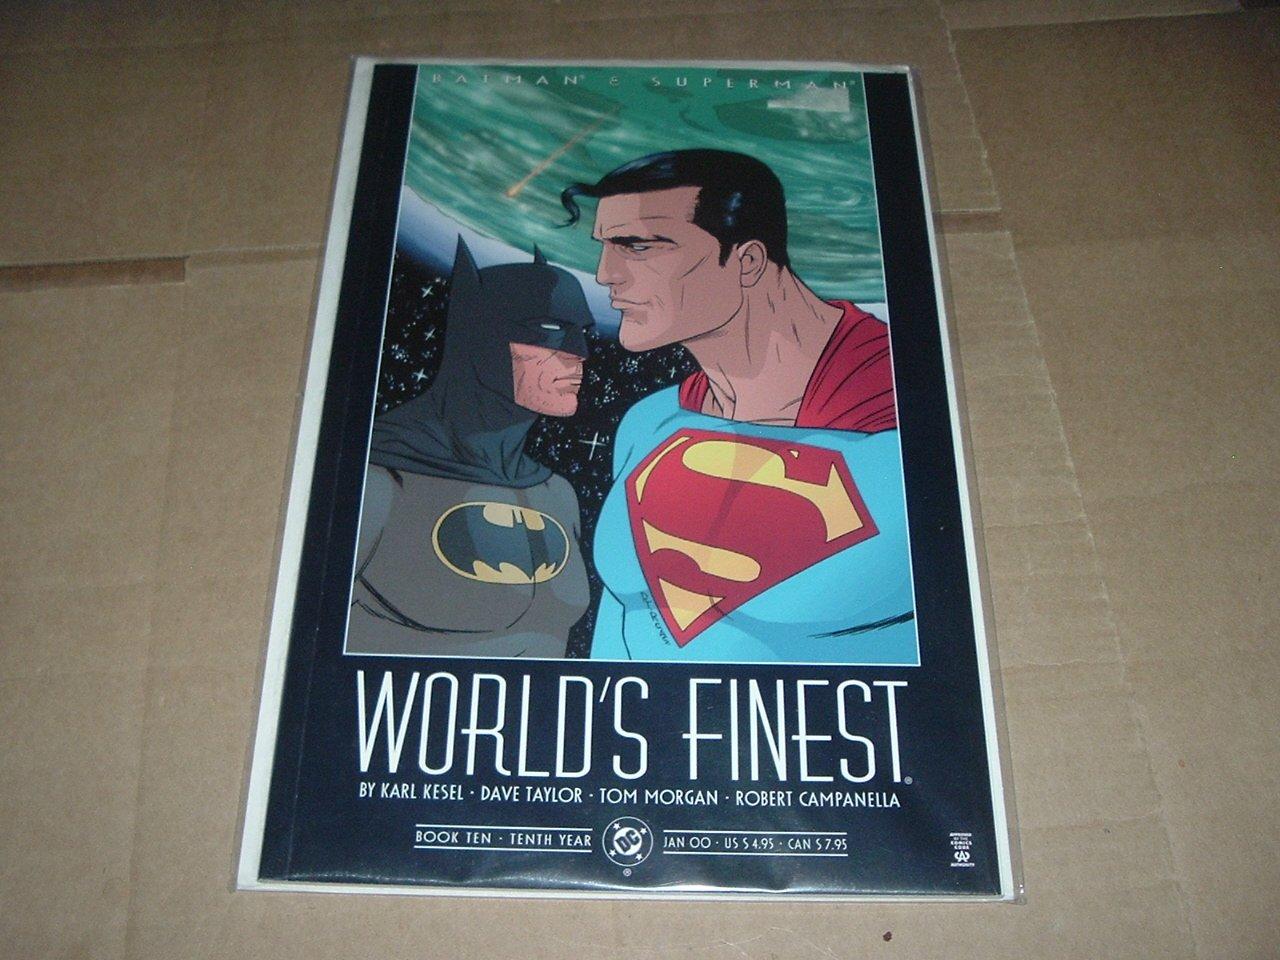 NEW UNREAD Batman & Superman: World's Finest #10 NEAR MINT (DC Comics 2000) Prestige Format GN